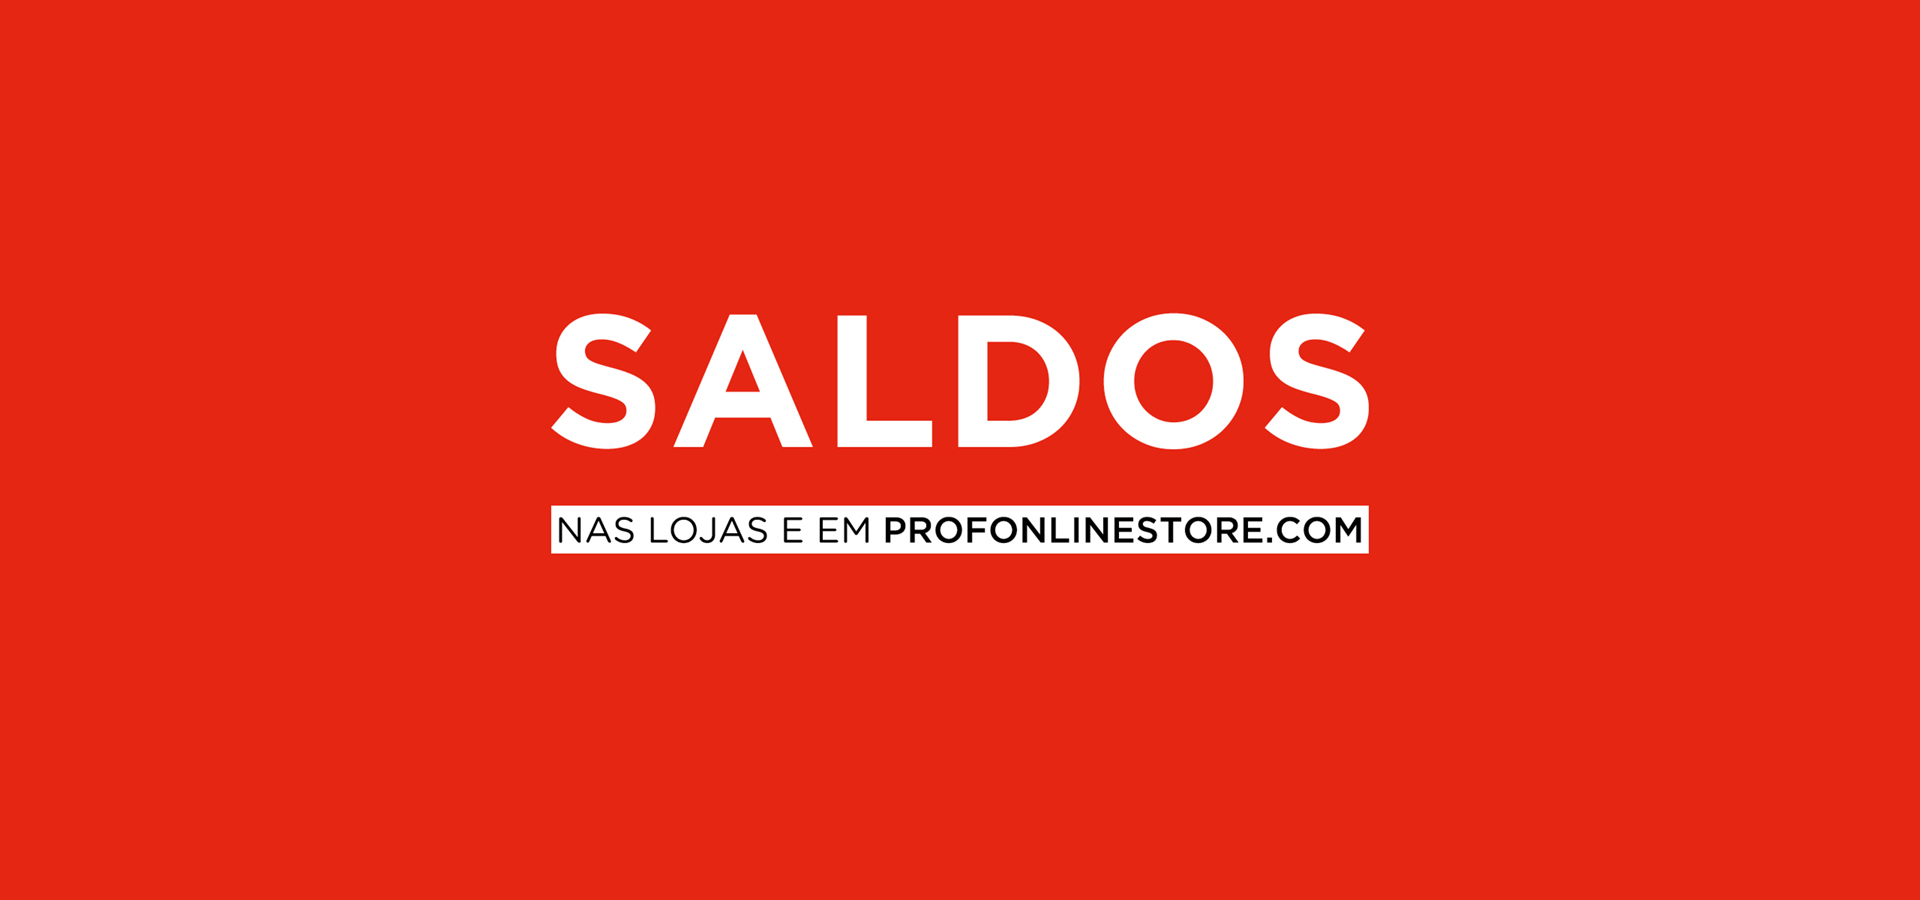 SALDOS PROF